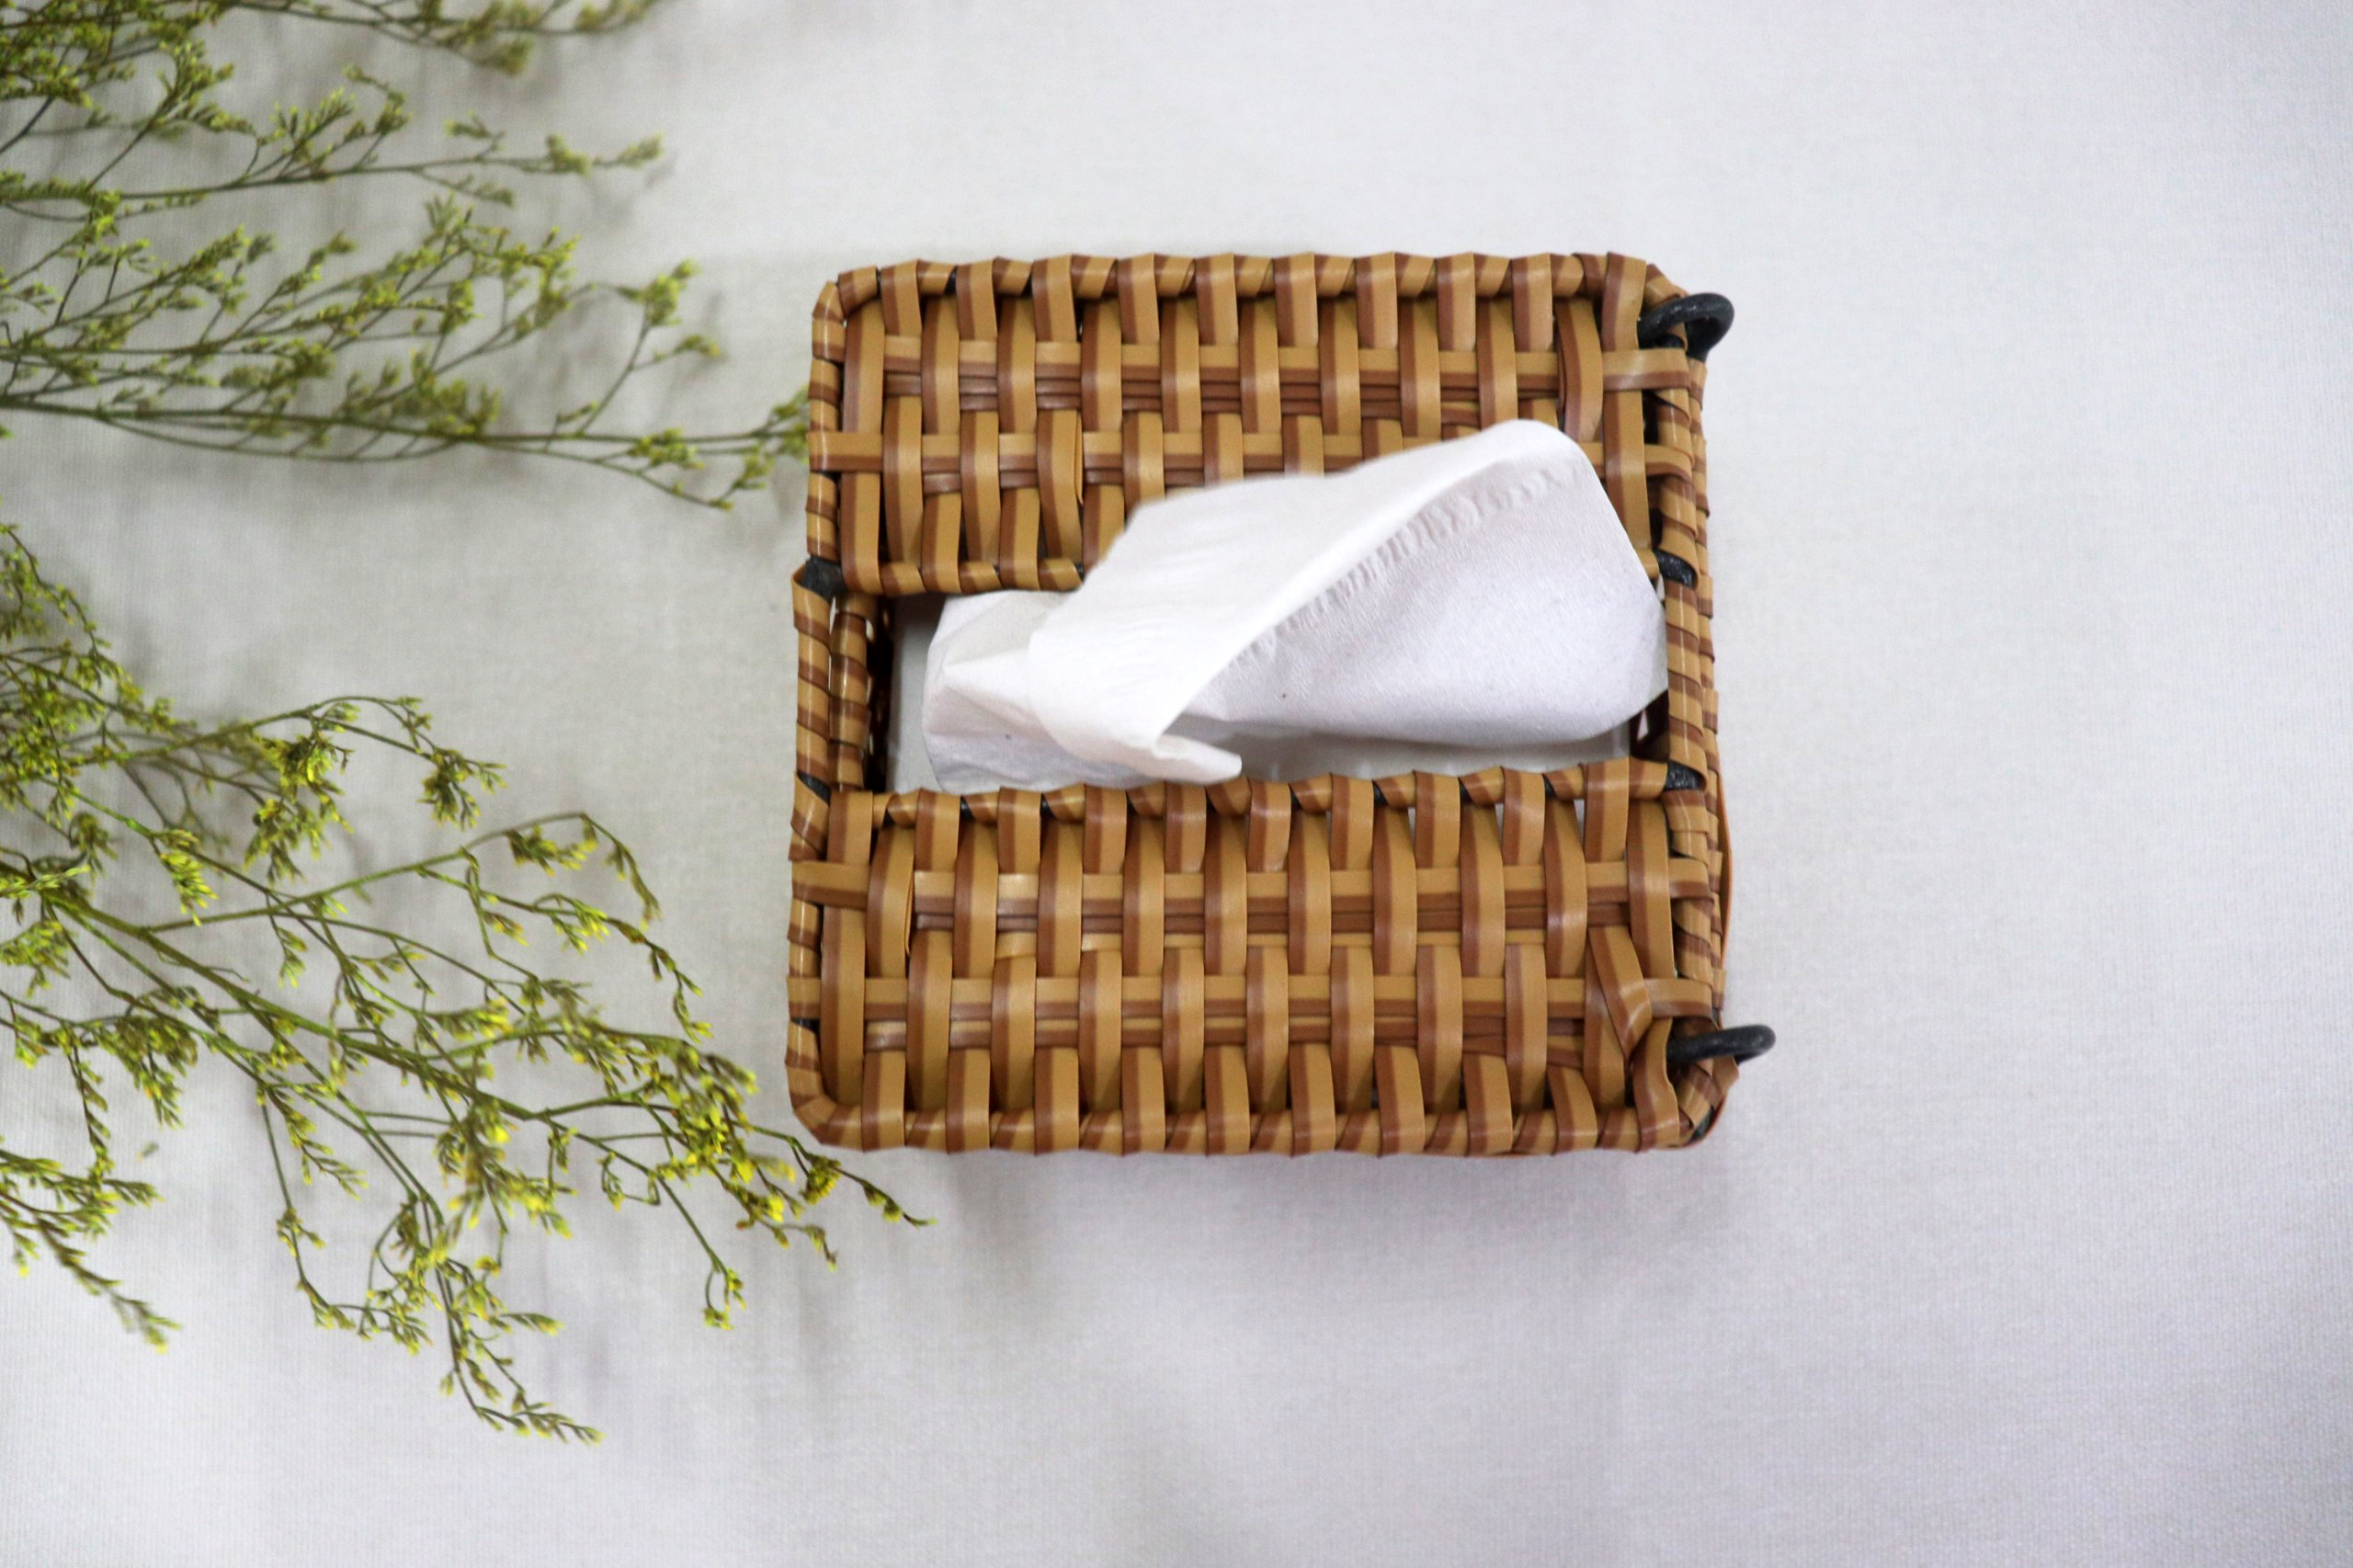 Hộp đựng khăn giấy nhựa giả mây, hộp dựng giấy D11cm